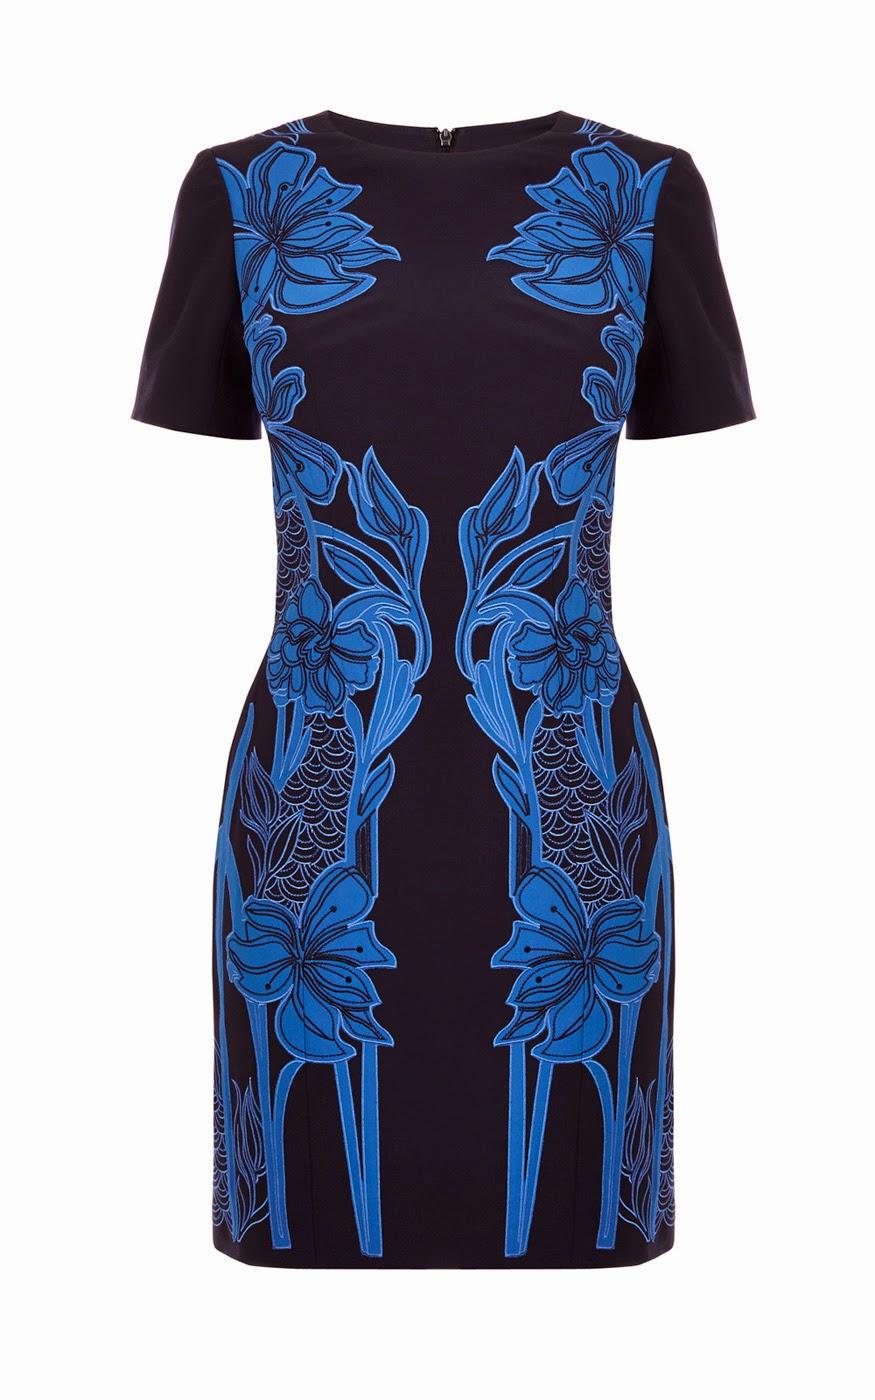 karen millen blue flower dress,